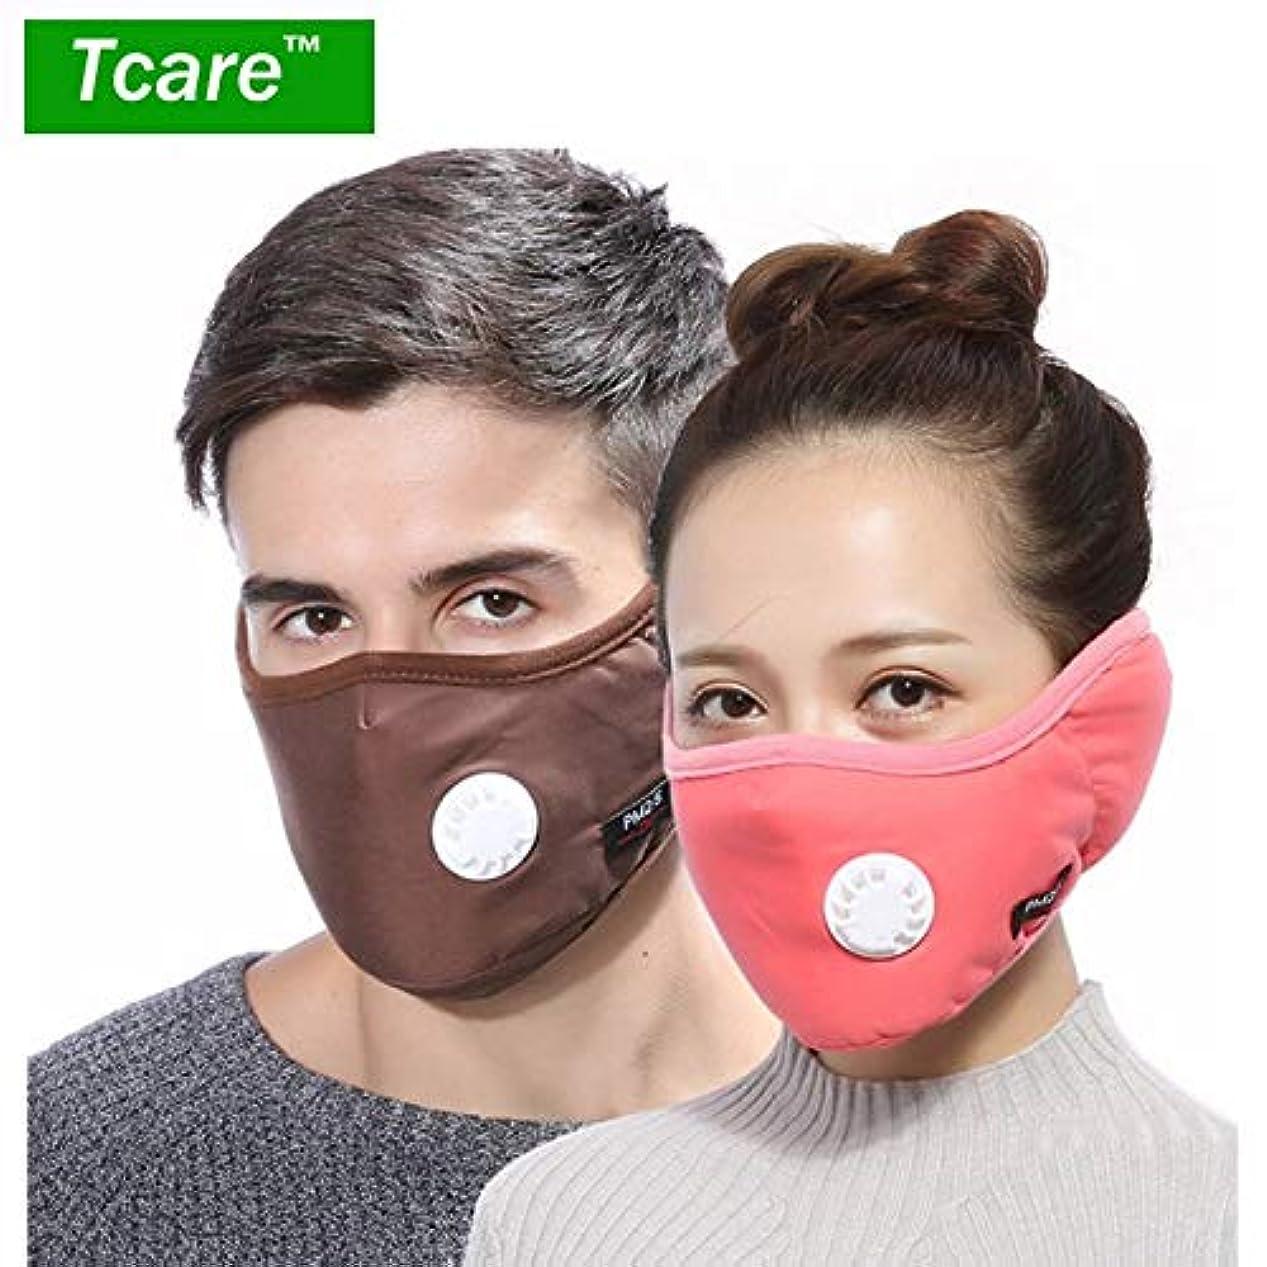 月曜日汚れた疼痛2オレンジ:1枚のPM2.5マスクバルブコットンアンチダスト口マスク冬のイヤーマフActtedフィルター付マスクでTcare 2